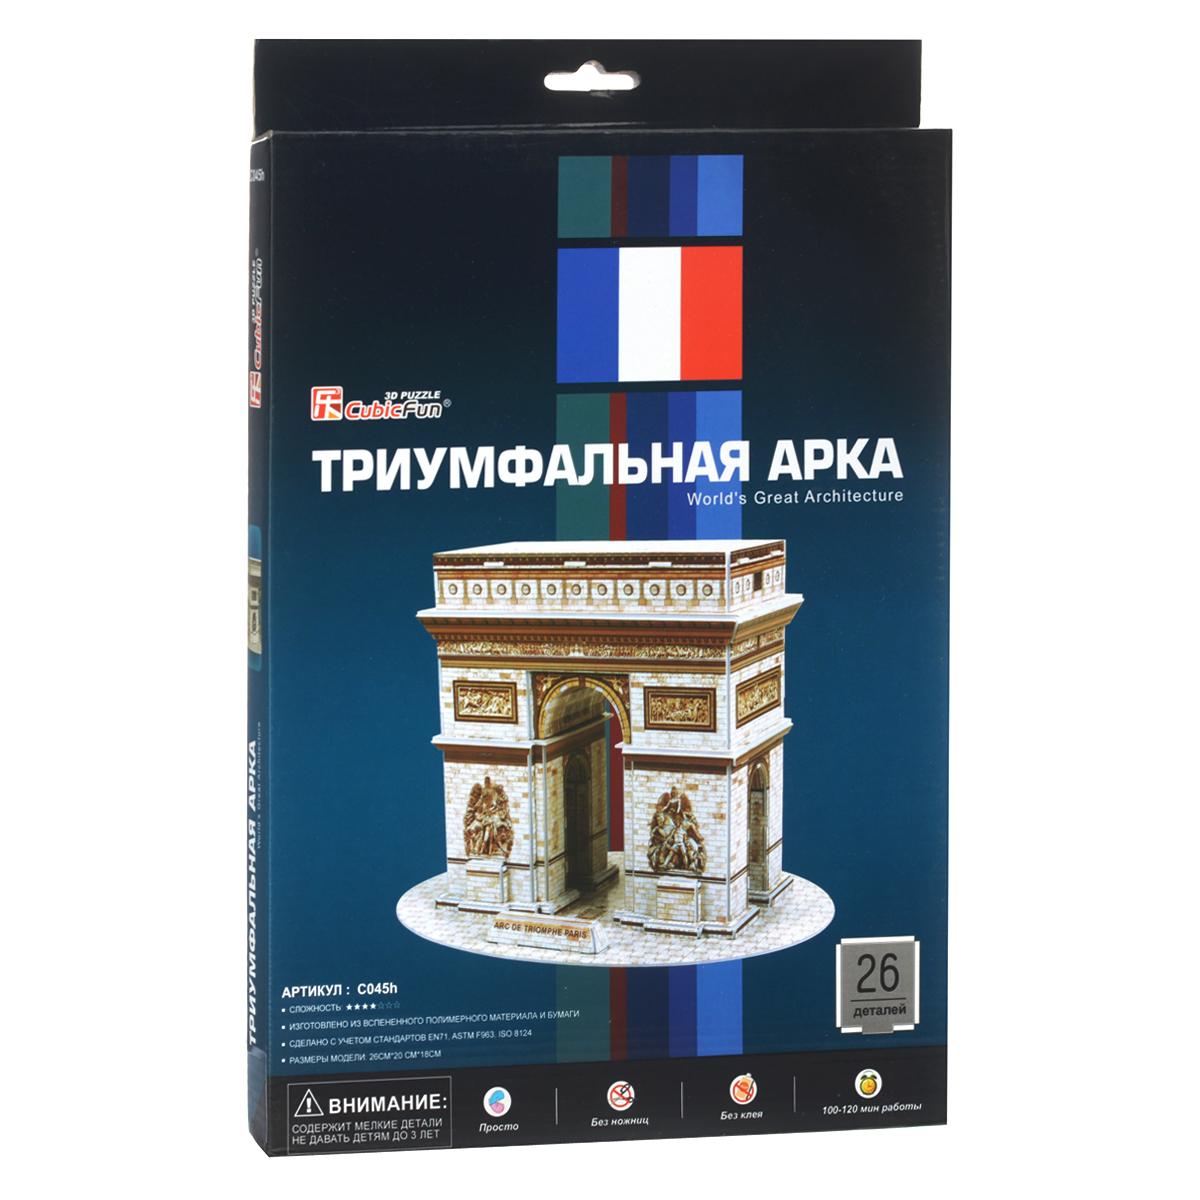 """""""Триумфальная арка"""" - уникальный конструктор-макет, с которым можно играть как дома, так и на улице. Составные элементы конструктора красочны и достаточно большие для того, чтобы даже маленькому ребенку было удобно и комфортно в него играть. Достаточно просто соединить элементы конструктора, и Вы получите объемную модель здания Триумфальной арки. Триумфальная арка расположена в верхней части Елисейских полей, на холме Шайо. Во время строительства она находилась за чертой города, и круглая площадь Звезды (диаметром 120 м) примыкала к городской заставе Шайо. Здесь в 1806 Наполеоном был заложен первый камень в основании арки, которая должна была прославлять военные походы наполеоновской армии. Но крах Наполеона в 1815 году приостановил работы по ее возведению. Вновь к строительству арки приступили при Луи Филиппе и закончили строительство в 1836. Автором проекта был архитектор Ж.-Ф. Шальгрен, вдохновленный примерами триумфальных арок Древнего Рима, которые воздвигались в..."""